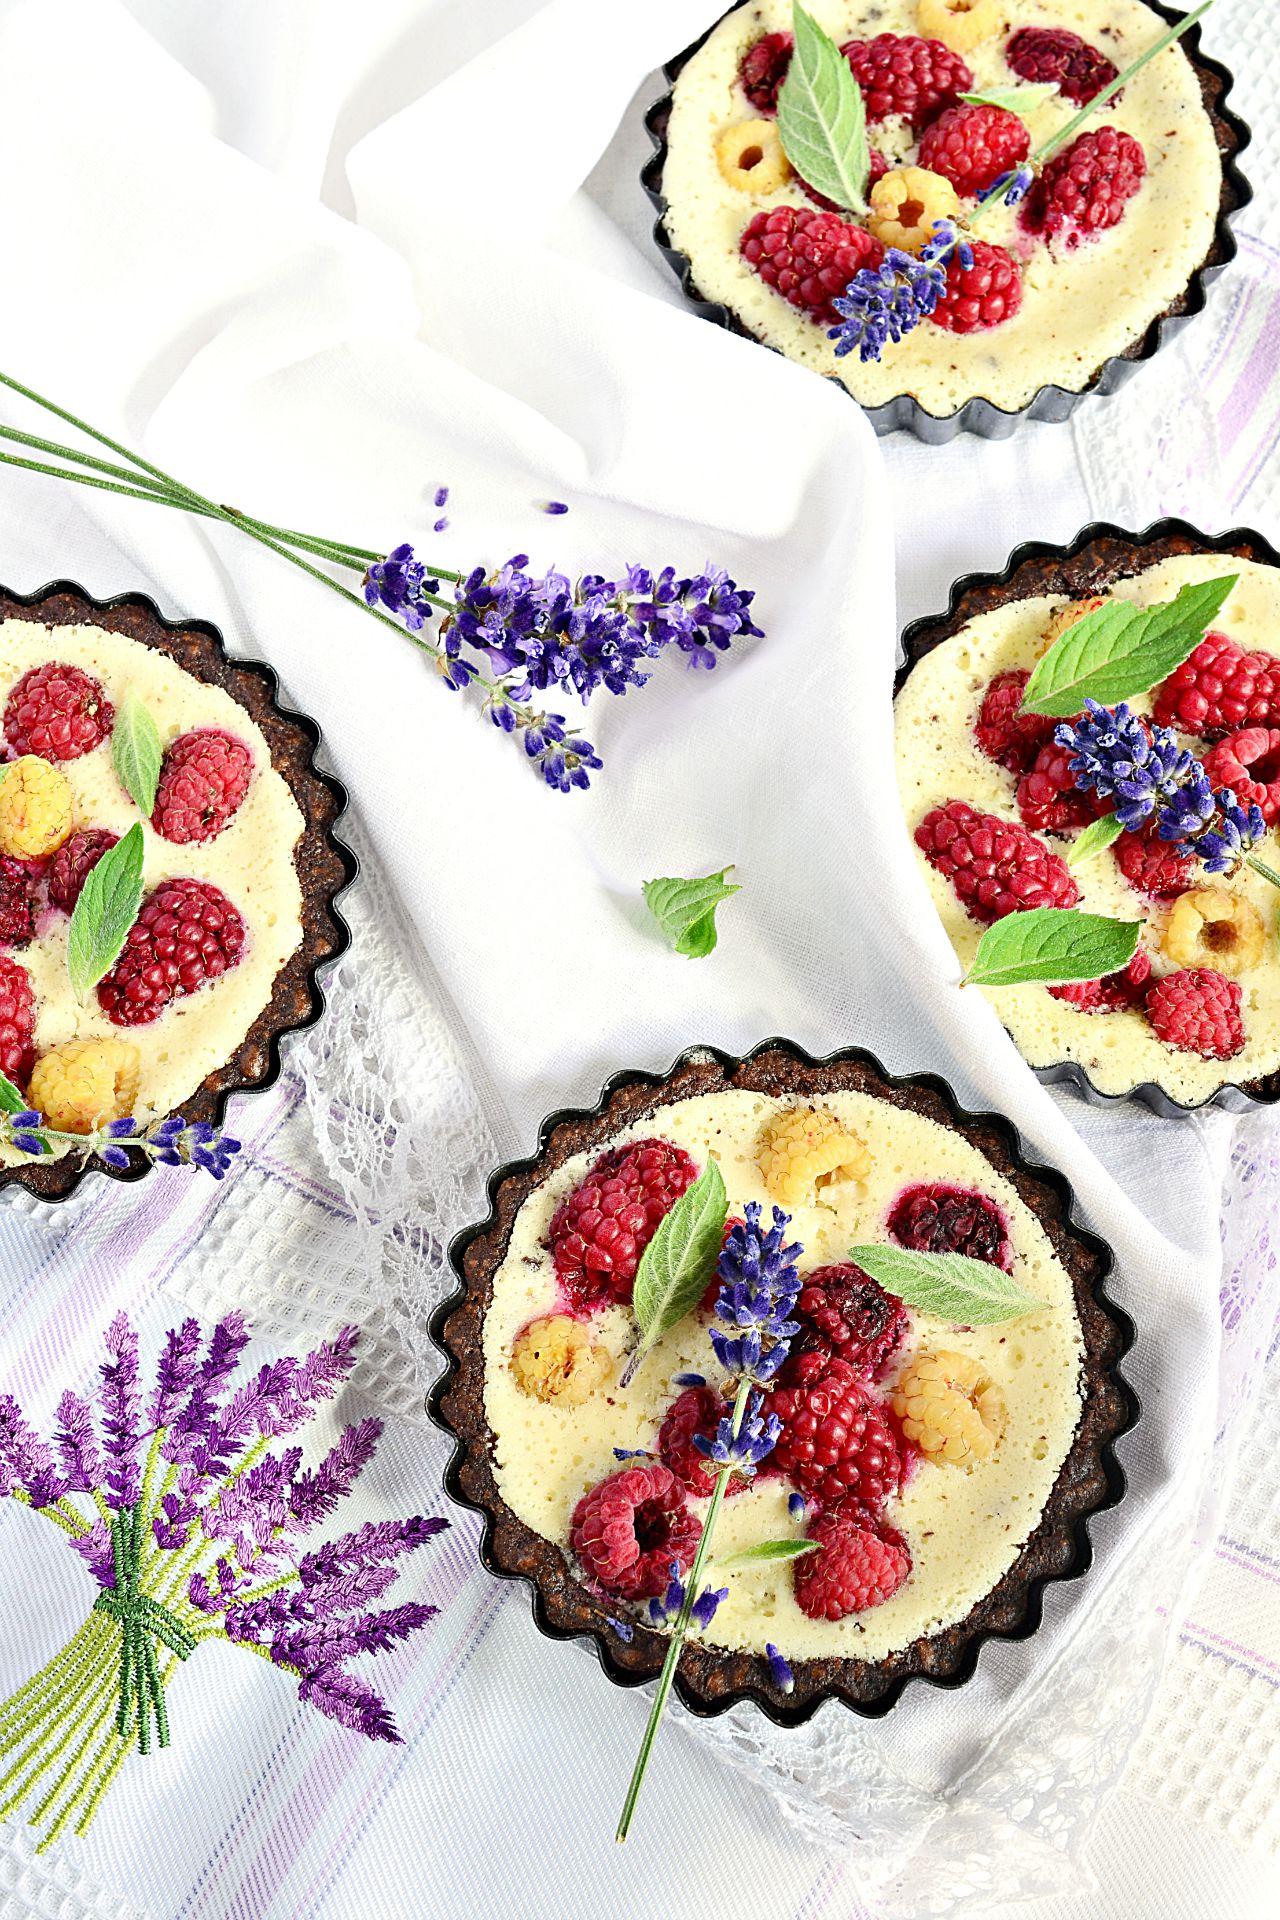 tarteletka z pieczonym jogurtem i owocami